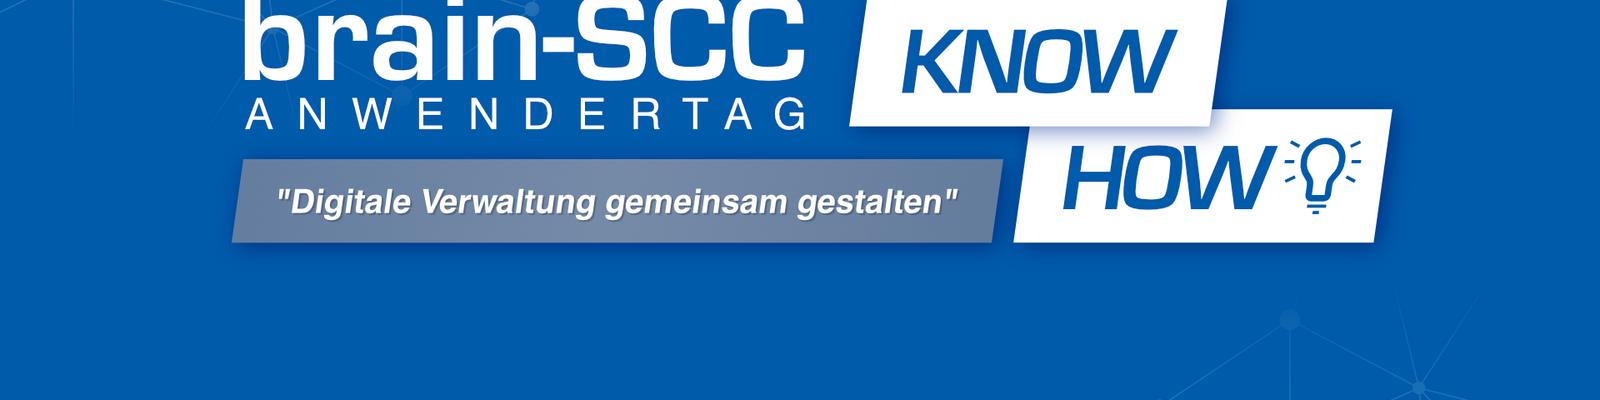 wp at fhd ©brain-SCC GmbH